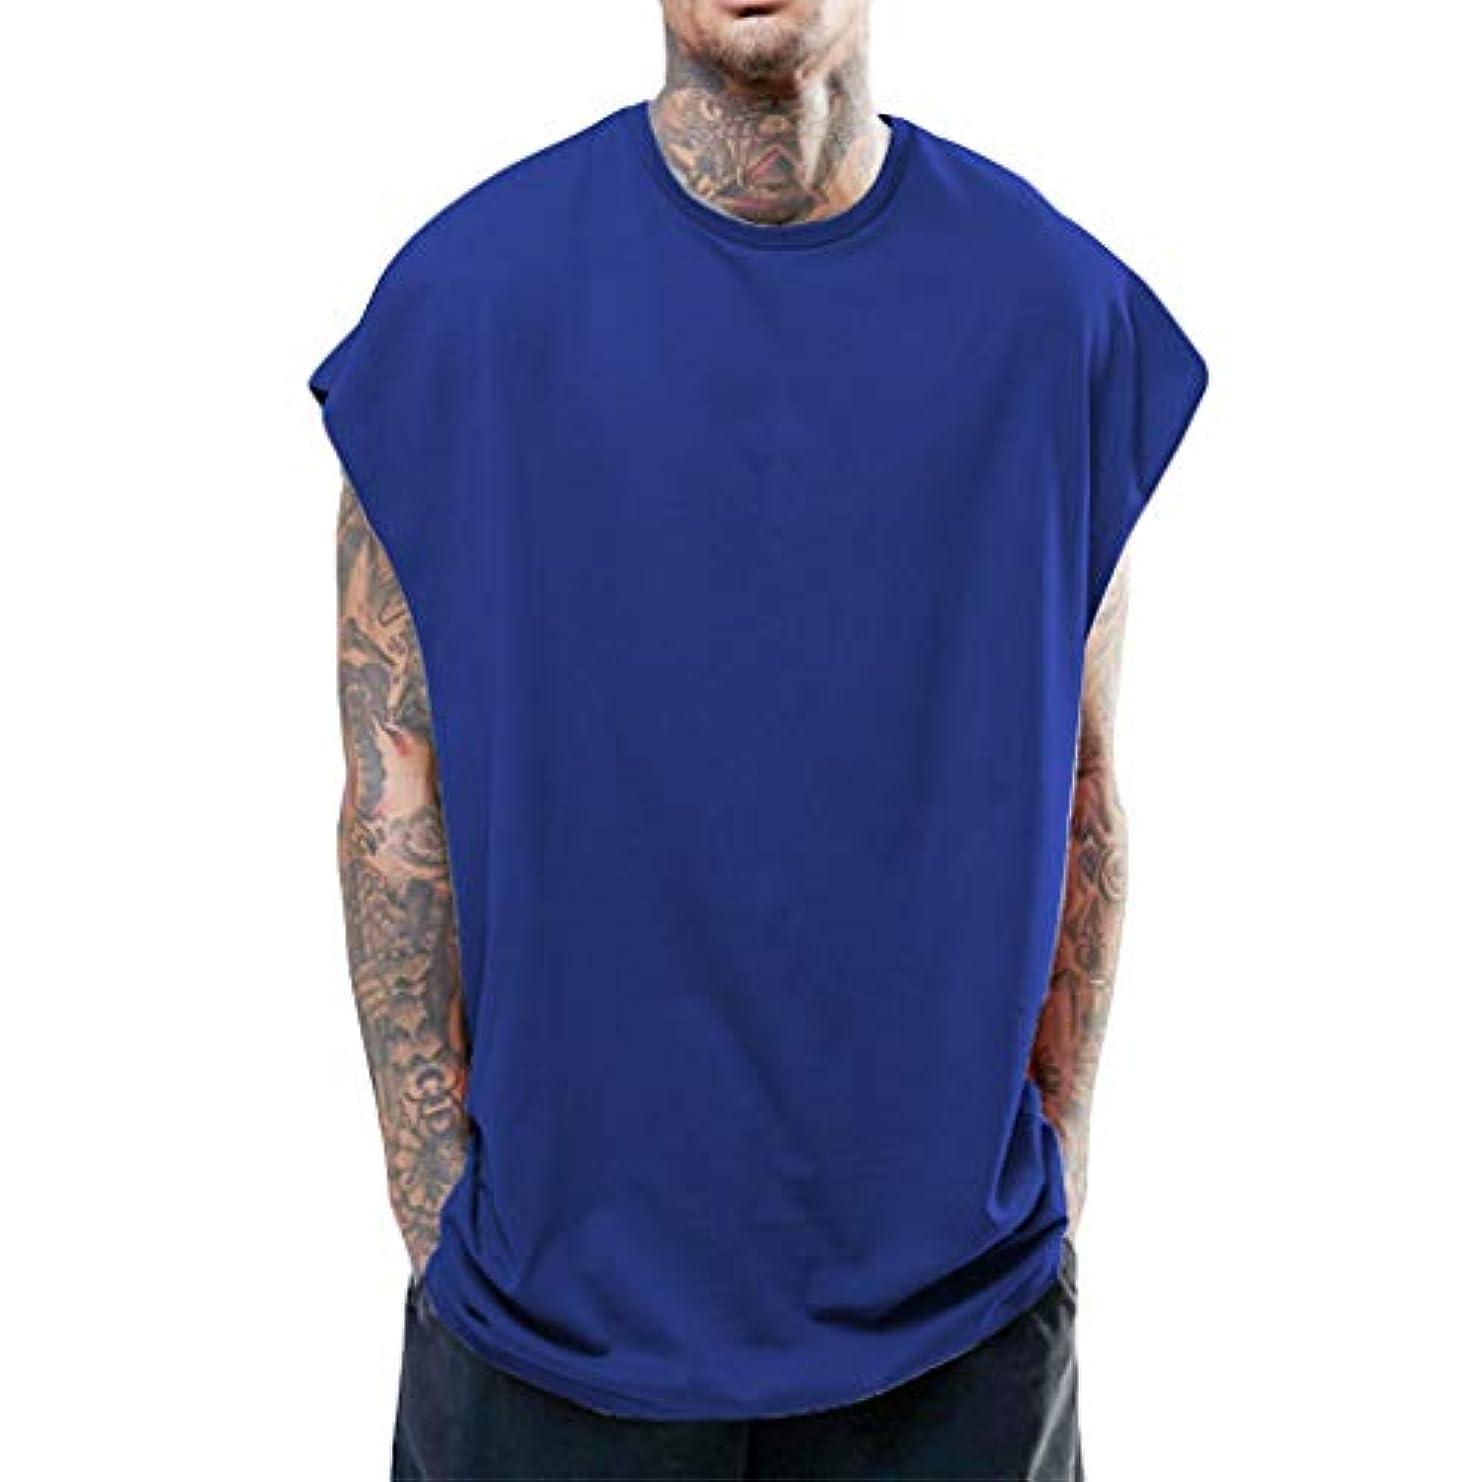 水族館フォーラムインカ帝国タンクトップ メンズ トレーニングウェア ノースリーブ フィットネス スポーツウェア Tシャツ ドライ ノースリーブ 無地 大きいサイズ インナーシャツ ジムウェア 吸汗速乾